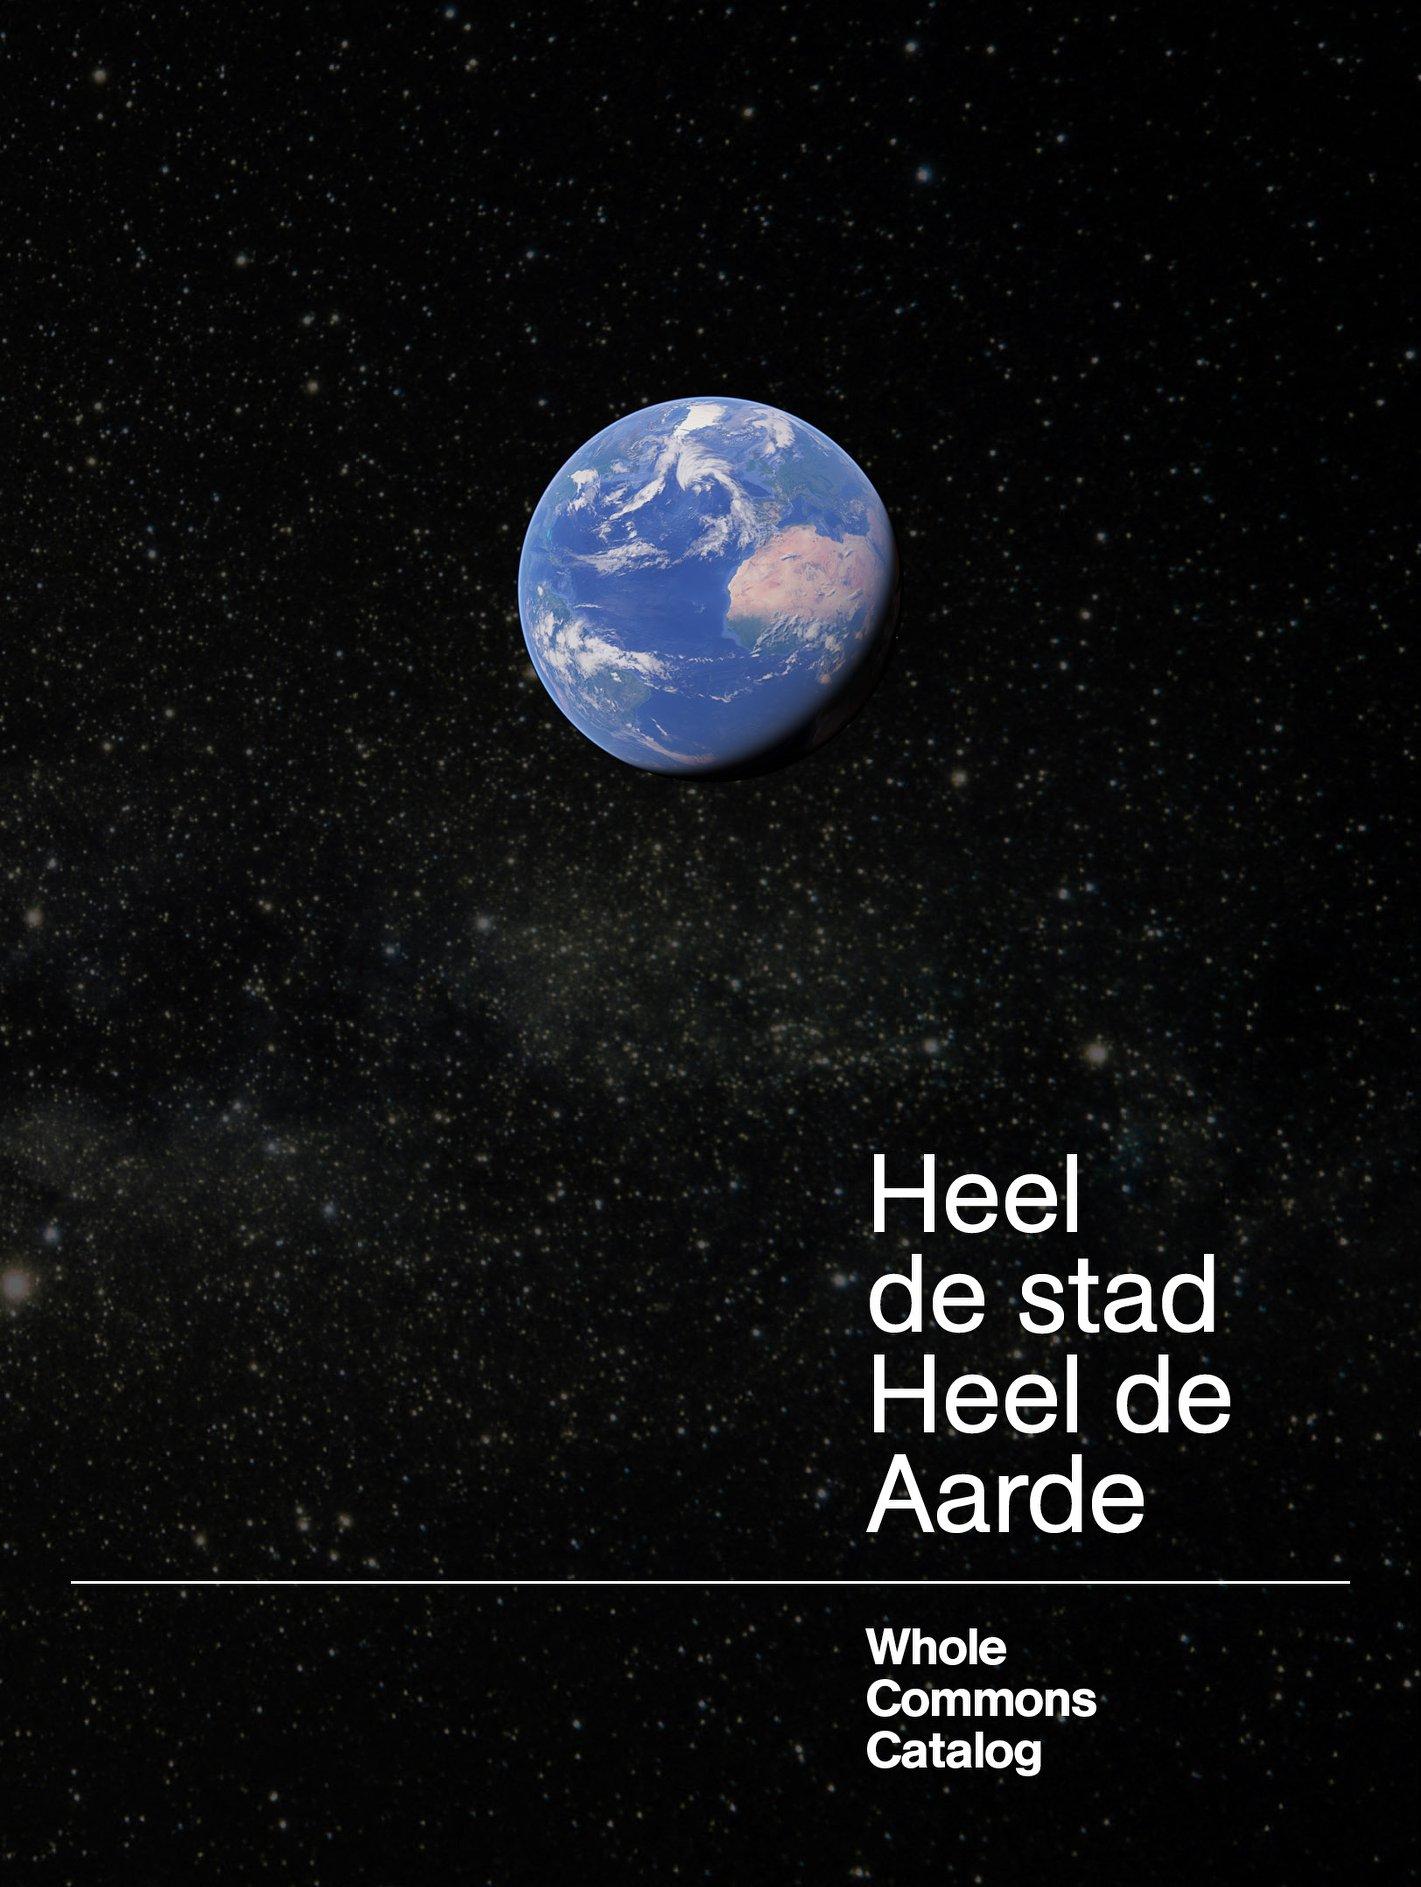 Whole Earth Catalog Cover / Heel de stad Heel de Aarde